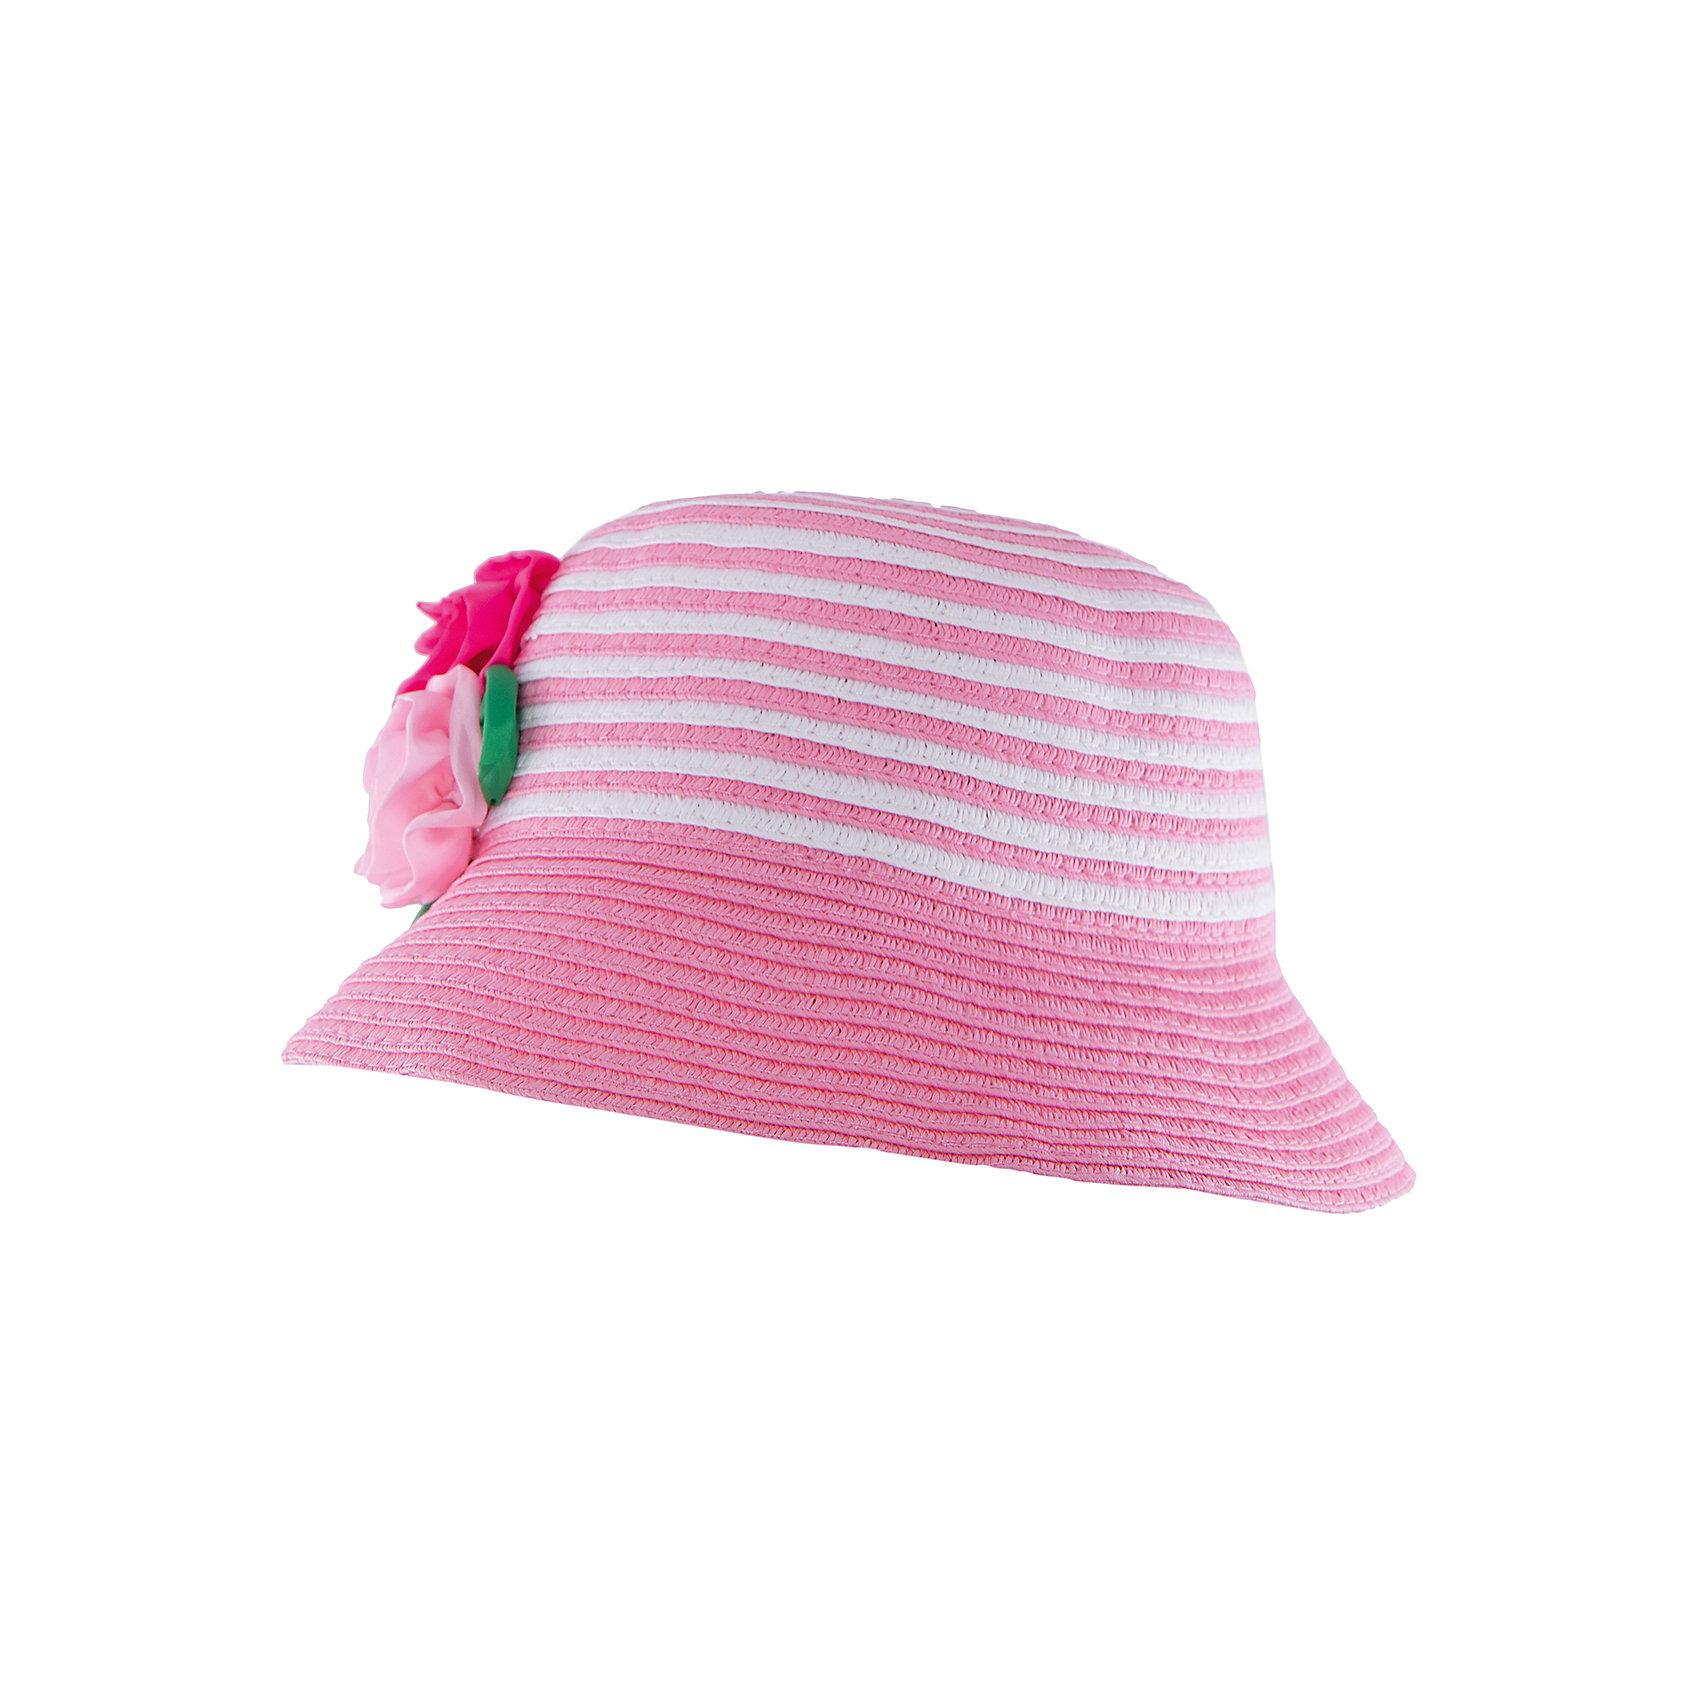 Шляпа для девочки MayoralШляпа для девочки от известной марки Mayoral<br><br>Удобная шляпа дополнит образ девочки и убережет голову от перегрева в новом весенне-летнем сезоне. Эта модель разработала специально для девочек. Сделана она из легкого, но прочного материала, украшена текстильными цветами.<br><br>Особенности модели:<br><br>- цвет: белый, розовый;<br>- в полоску;<br>- легкий материал;<br>- края опущены;<br>- декорирована цветами;<br>- глубокая посадка.<br><br>Дополнительная информация:<br><br>Состав: 100% бумага<br> <br>Шляпу для девочки от Mayoral (Майорал) можно купить в нашем магазине.<br><br>Ширина мм: 89<br>Глубина мм: 117<br>Высота мм: 44<br>Вес г: 155<br>Цвет: фиолетовый<br>Возраст от месяцев: 72<br>Возраст до месяцев: 84<br>Пол: Женский<br>Возраст: Детский<br>Размер: 54,50,52<br>SKU: 4539263